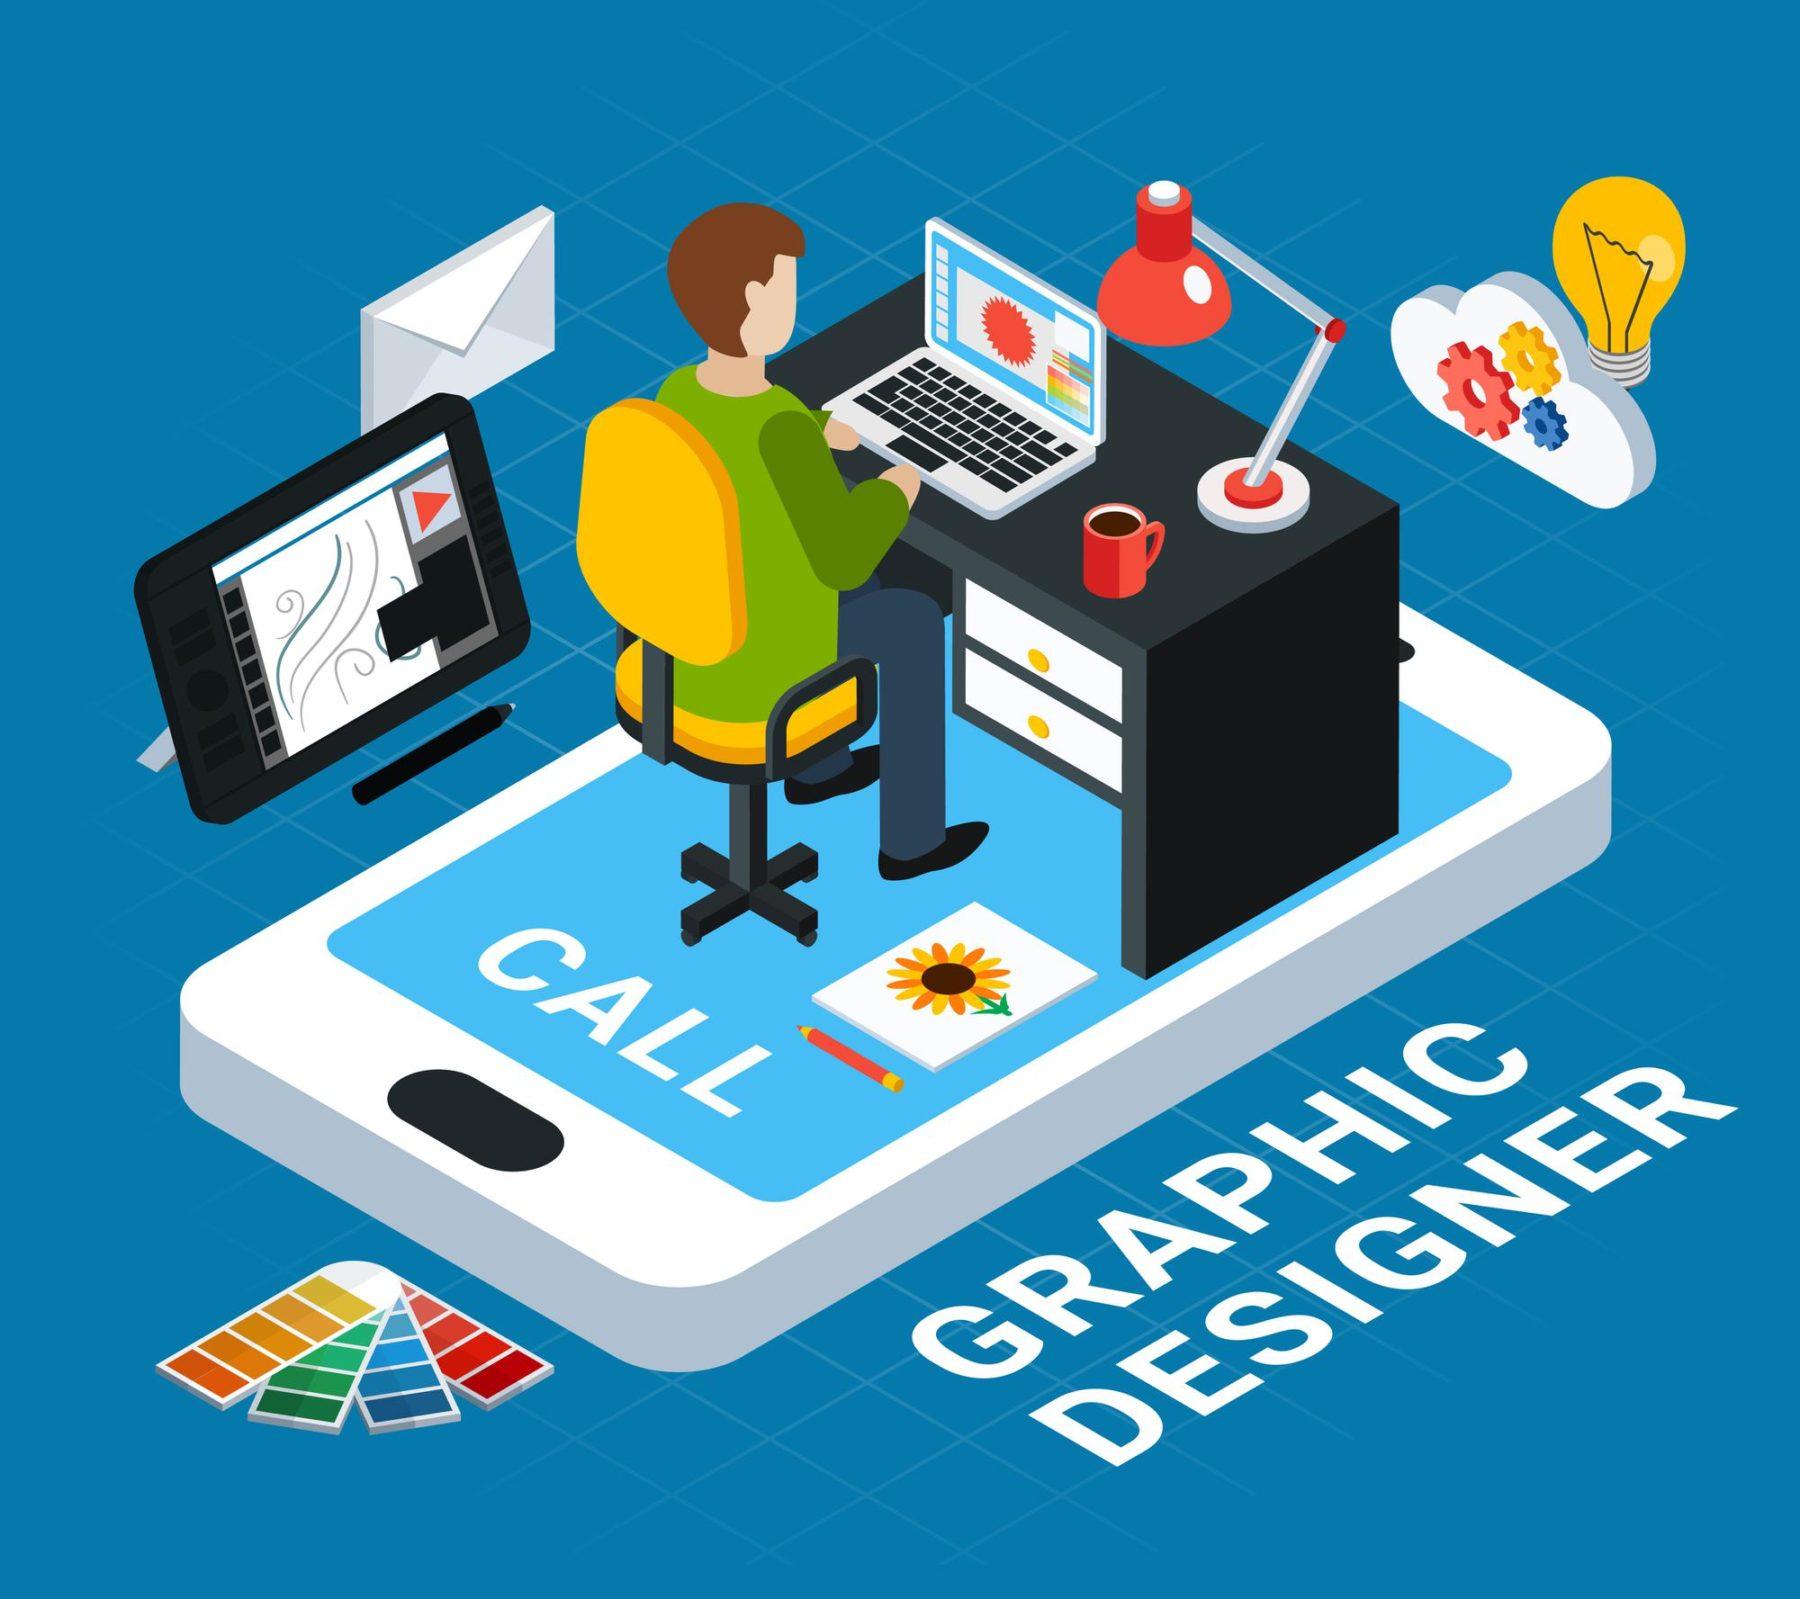 graphic designer jobs